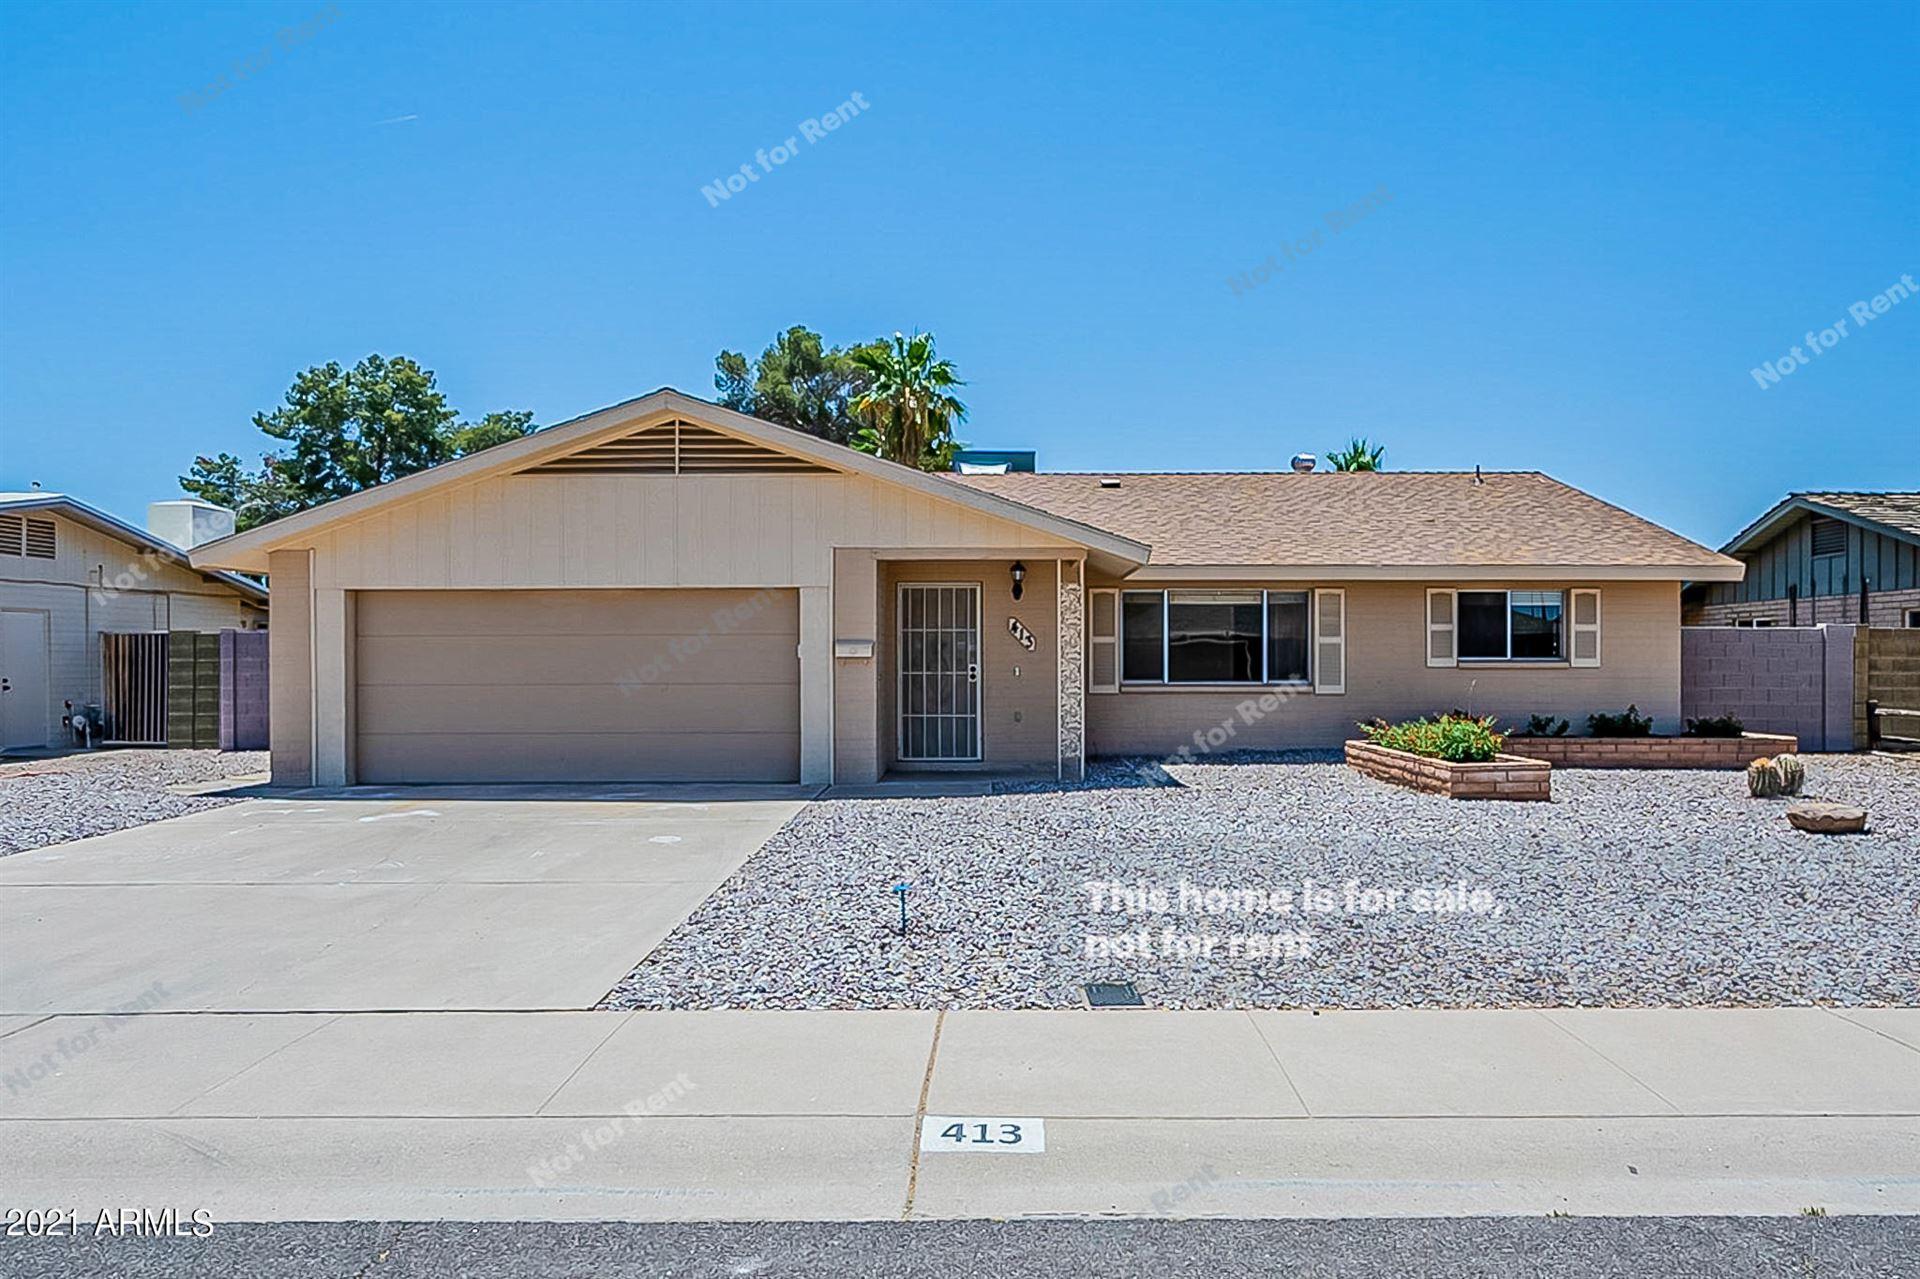 413 E FREMONT Drive, Tempe, AZ 85282 - MLS#: 6234597